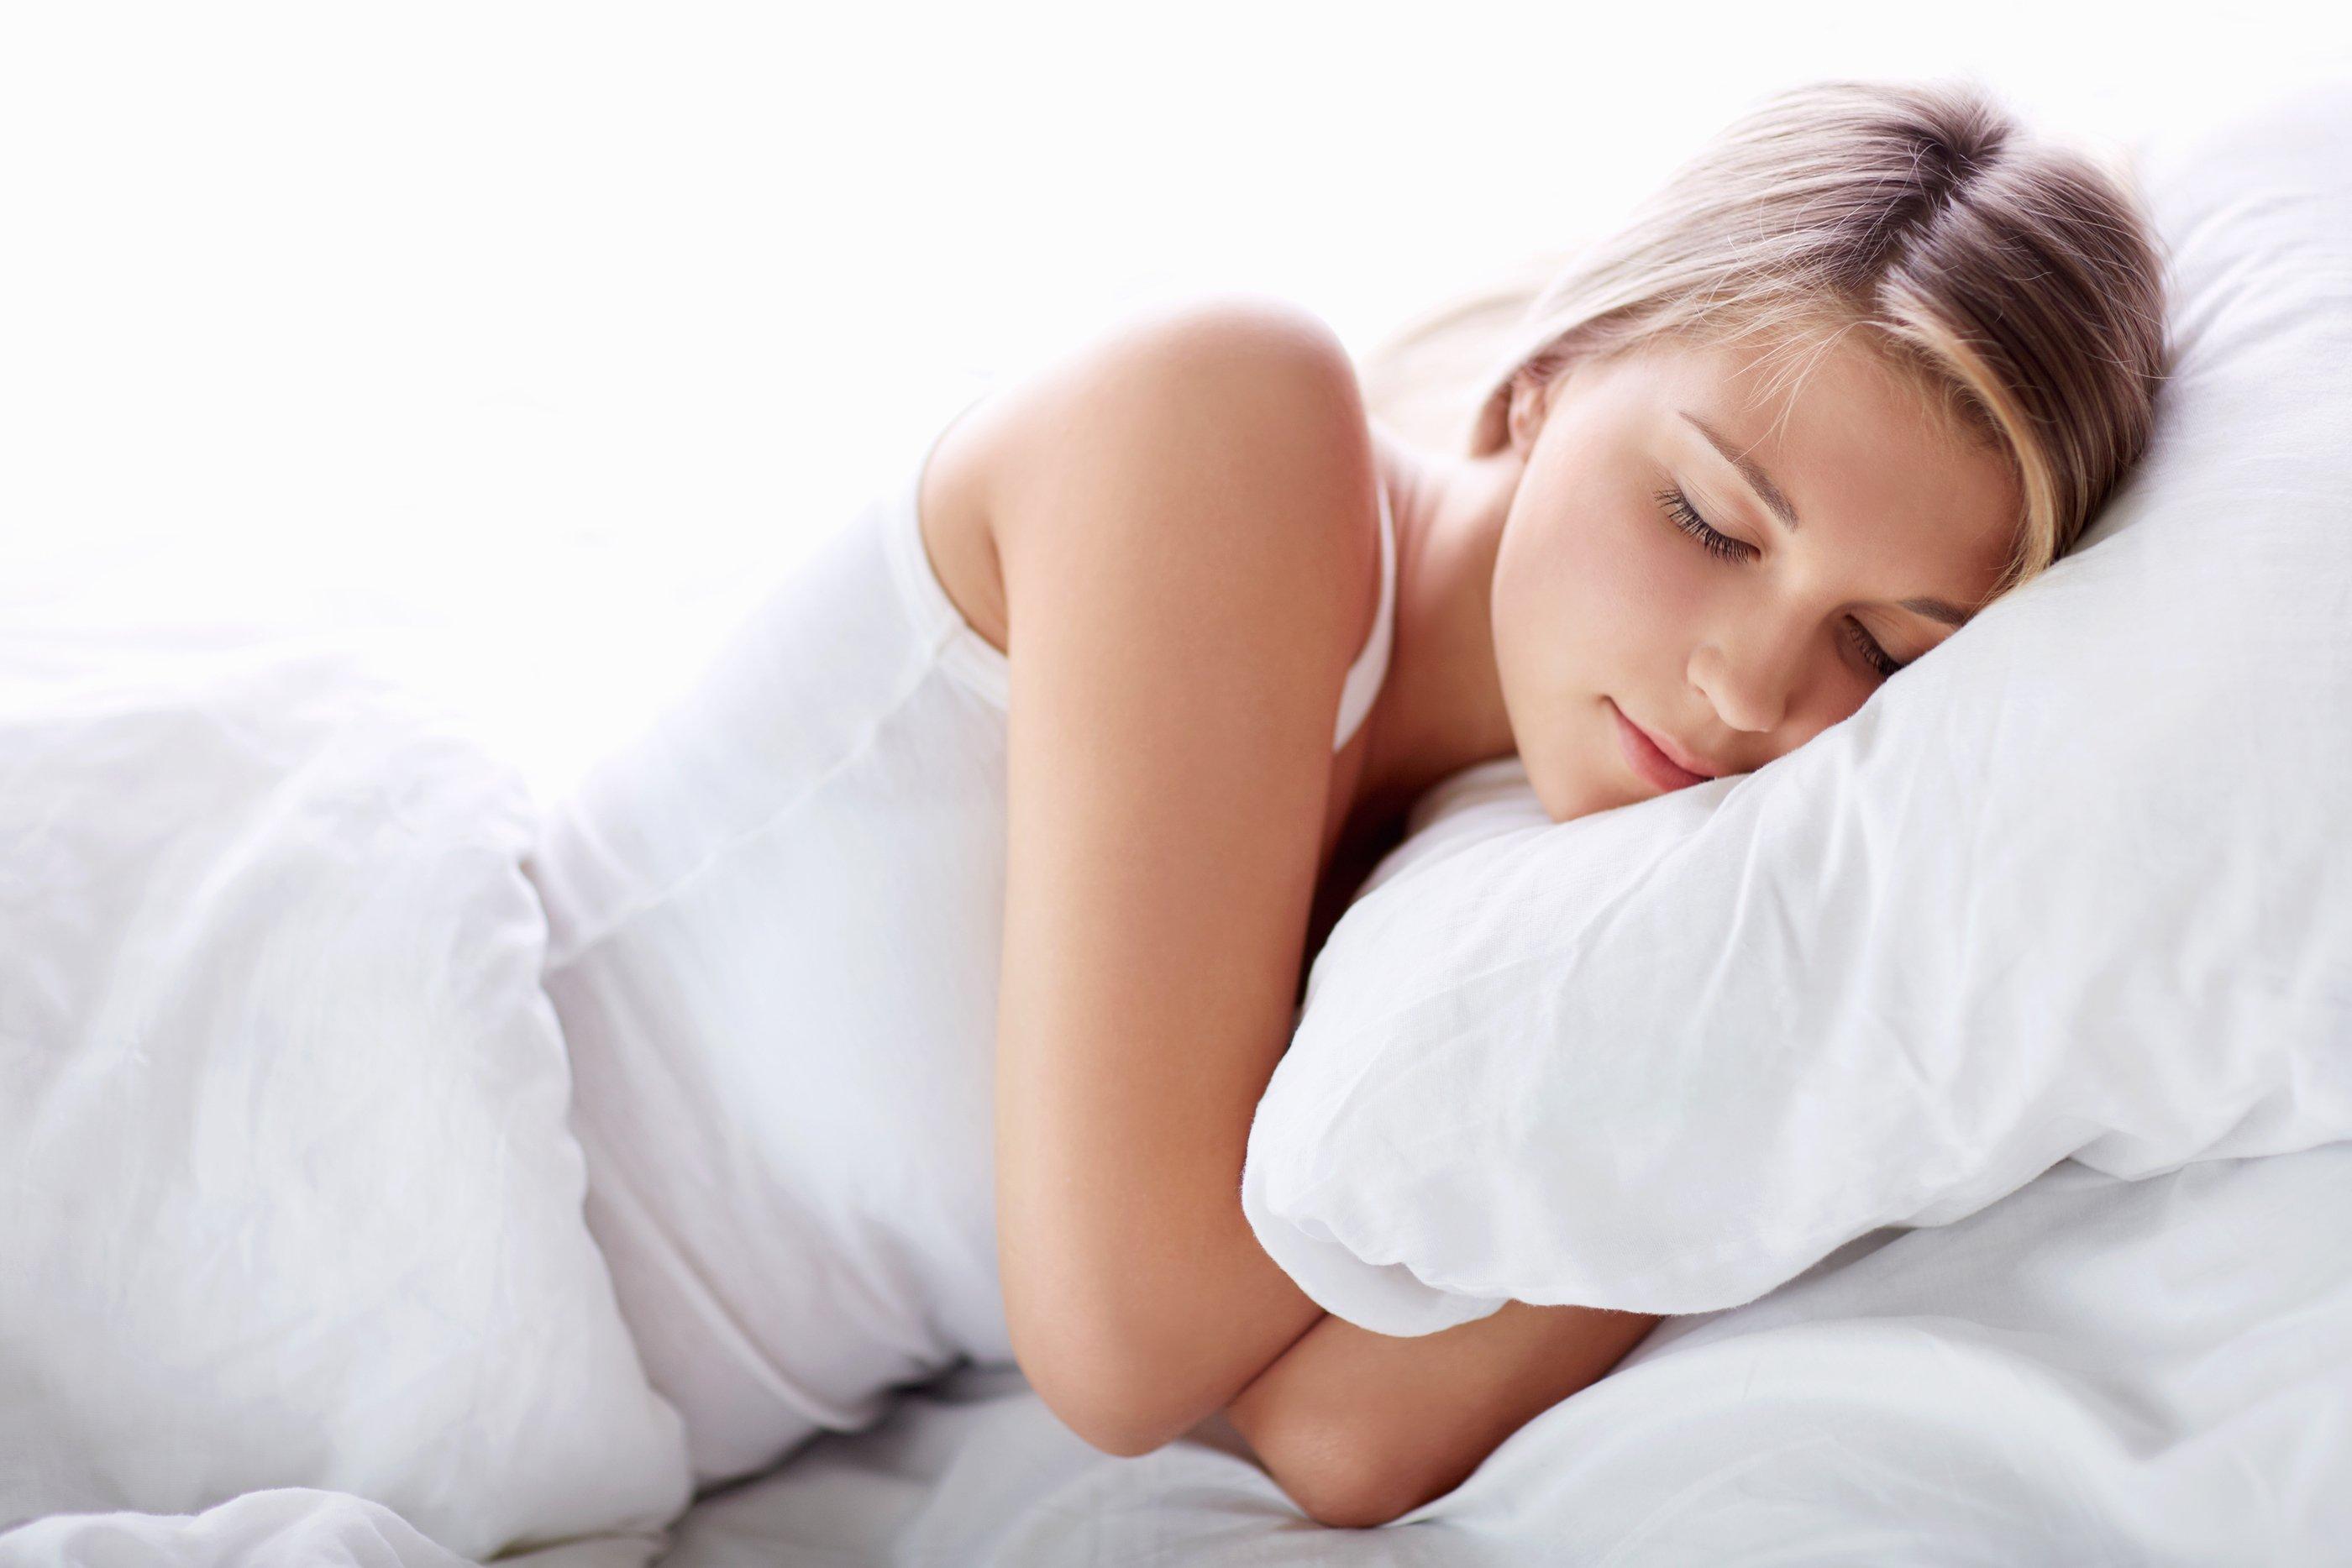 sleeping beaut.jpg?resize=1200,630 - 5 dicas que vão te ajudar a dormir como um anjo